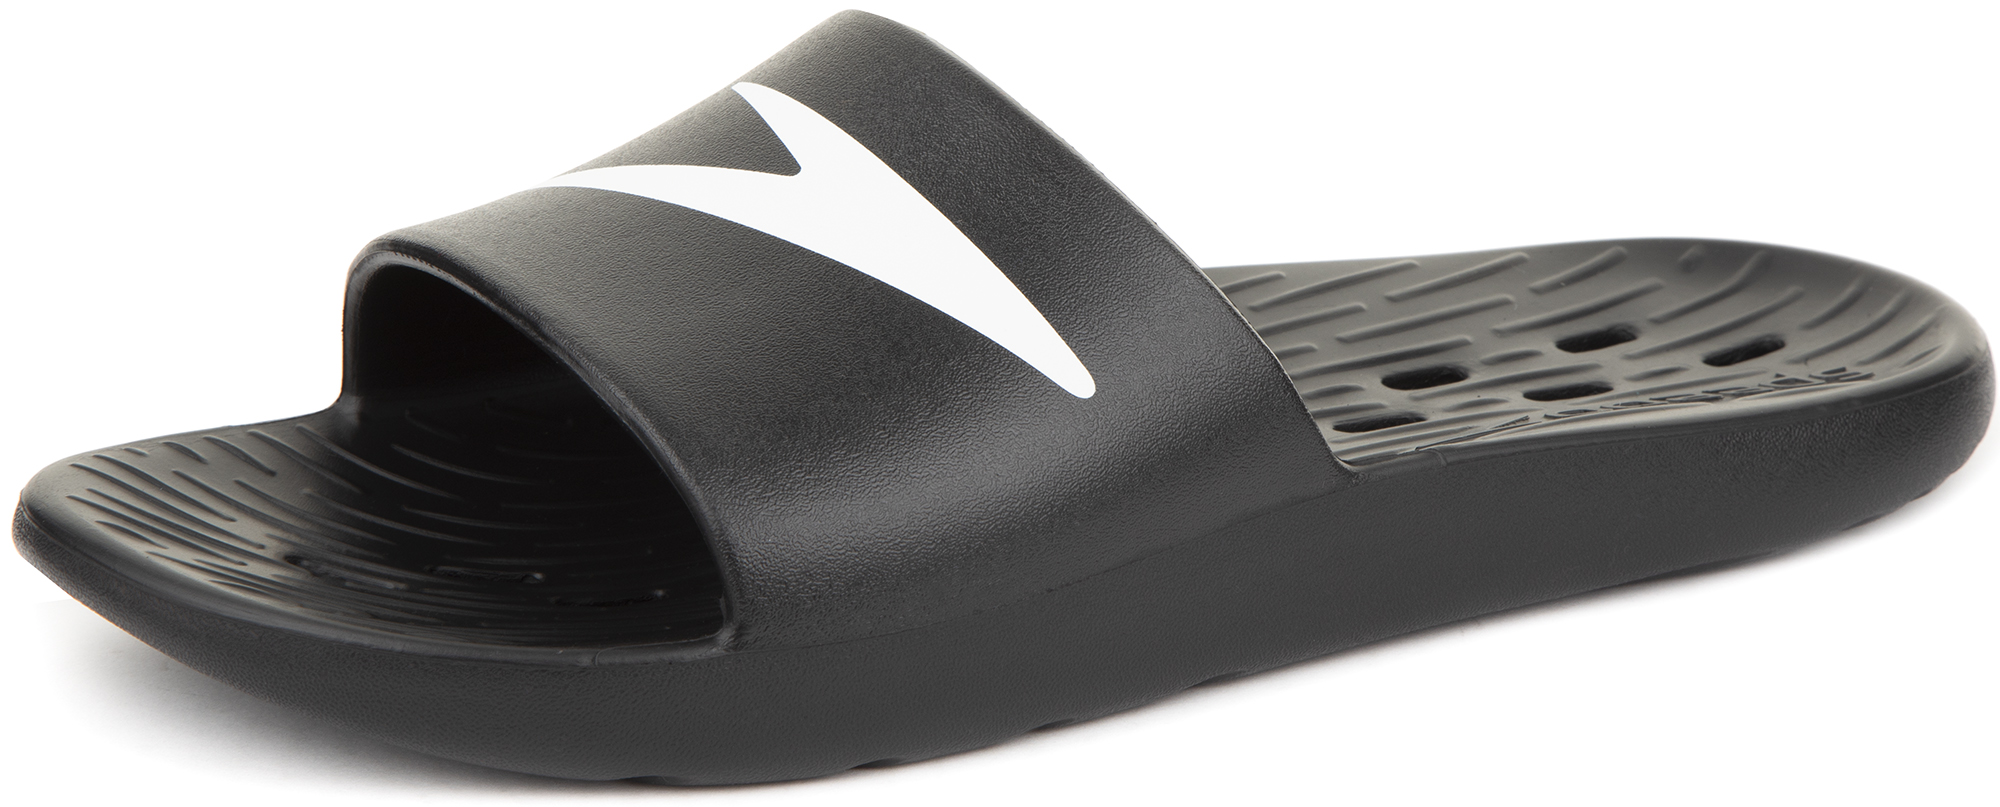 Speedo Шлепанцы мужские Speedo Slides, размер 43 шлепанцы мужские rider цвет синий белый 82499 20084 размер 47 46